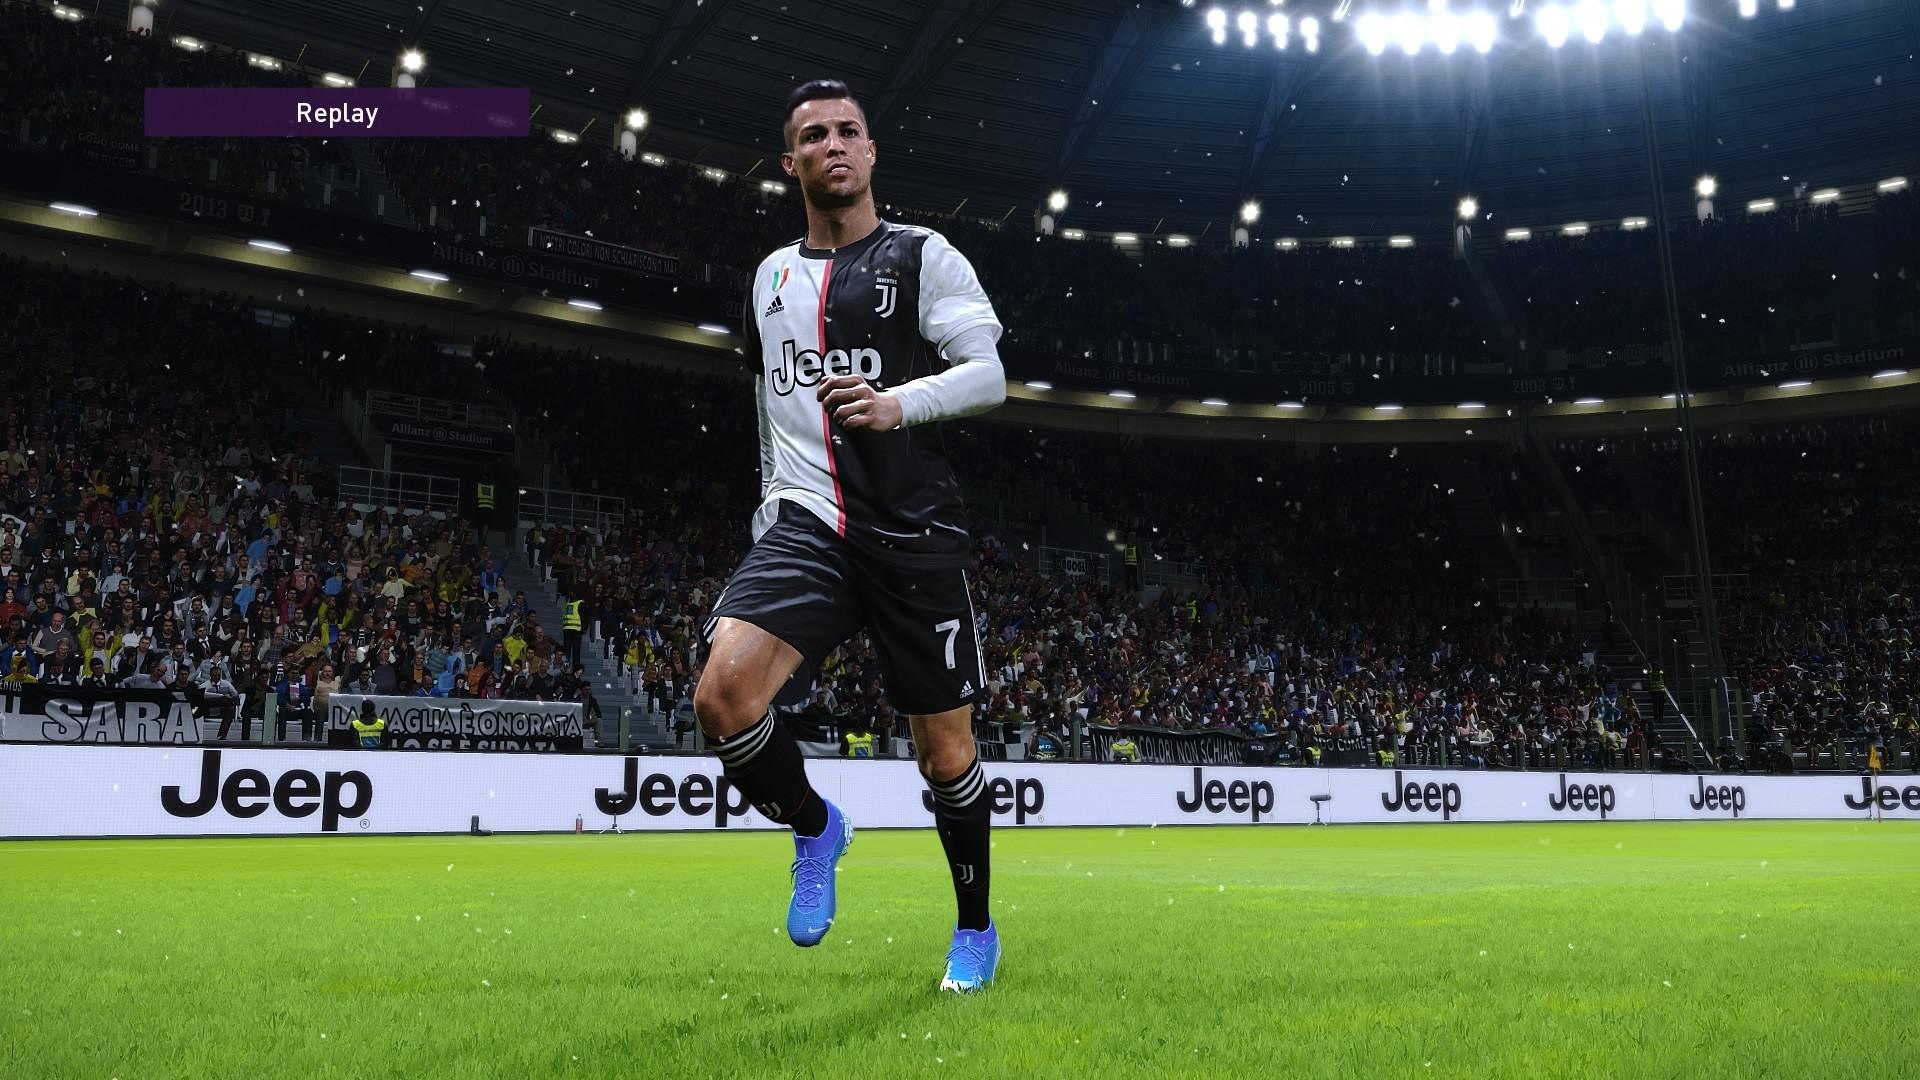 eFootball PES 2020: futbolari buruzko joko onena. Horrek ez du ezer lortzen